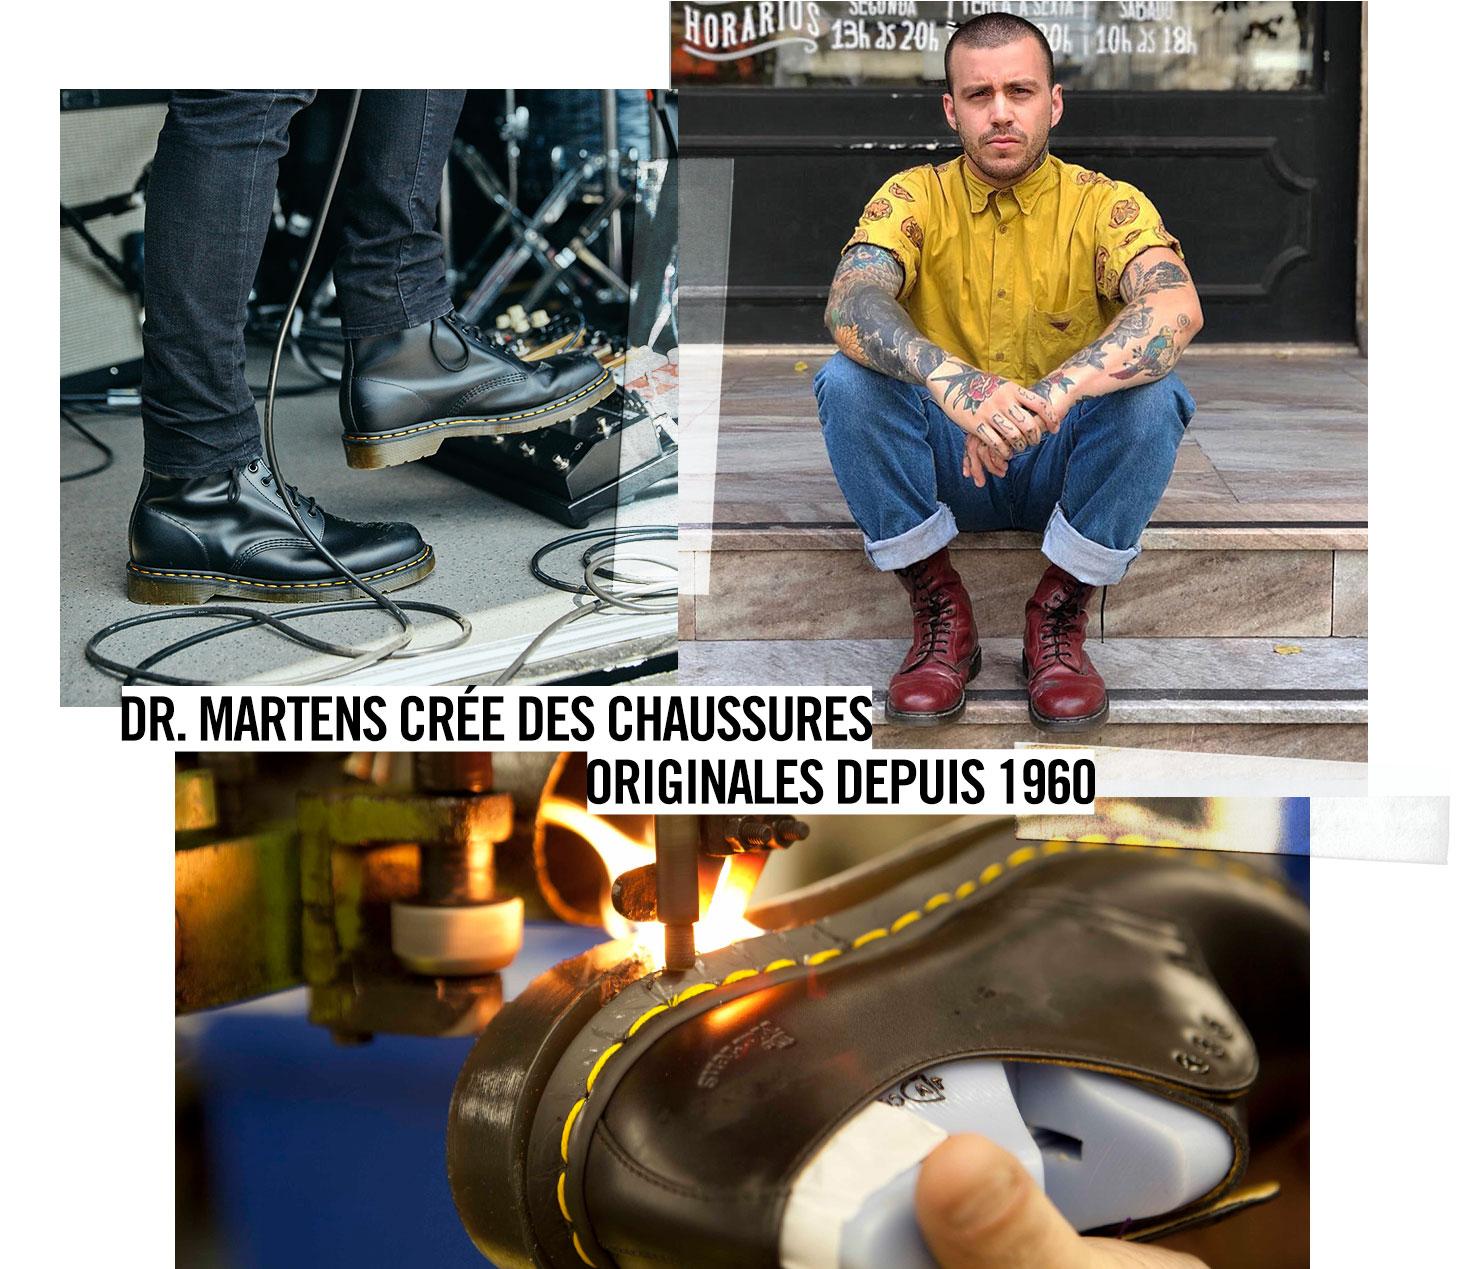 DR. MARTENS CRÉE DES CHAUSSURES ORIGINALES DEPUIS 1960.